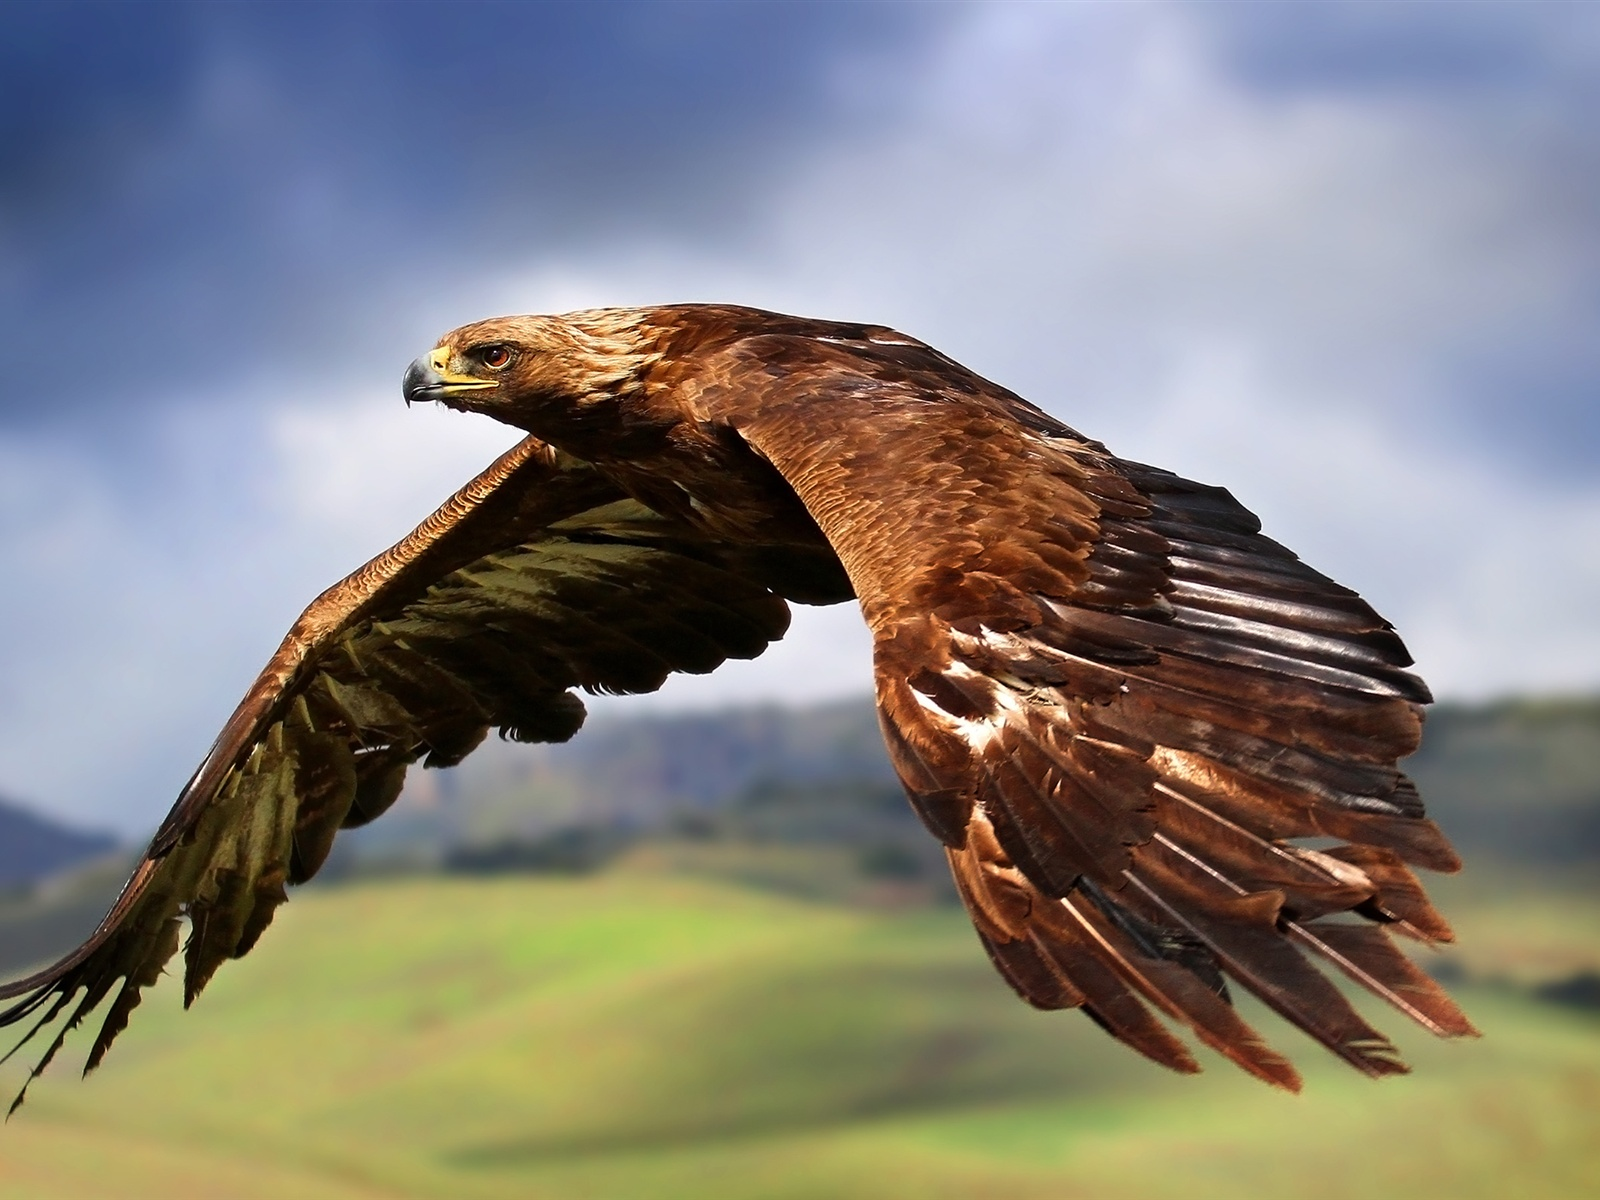 在天空翱翔的鹰 1600x1200